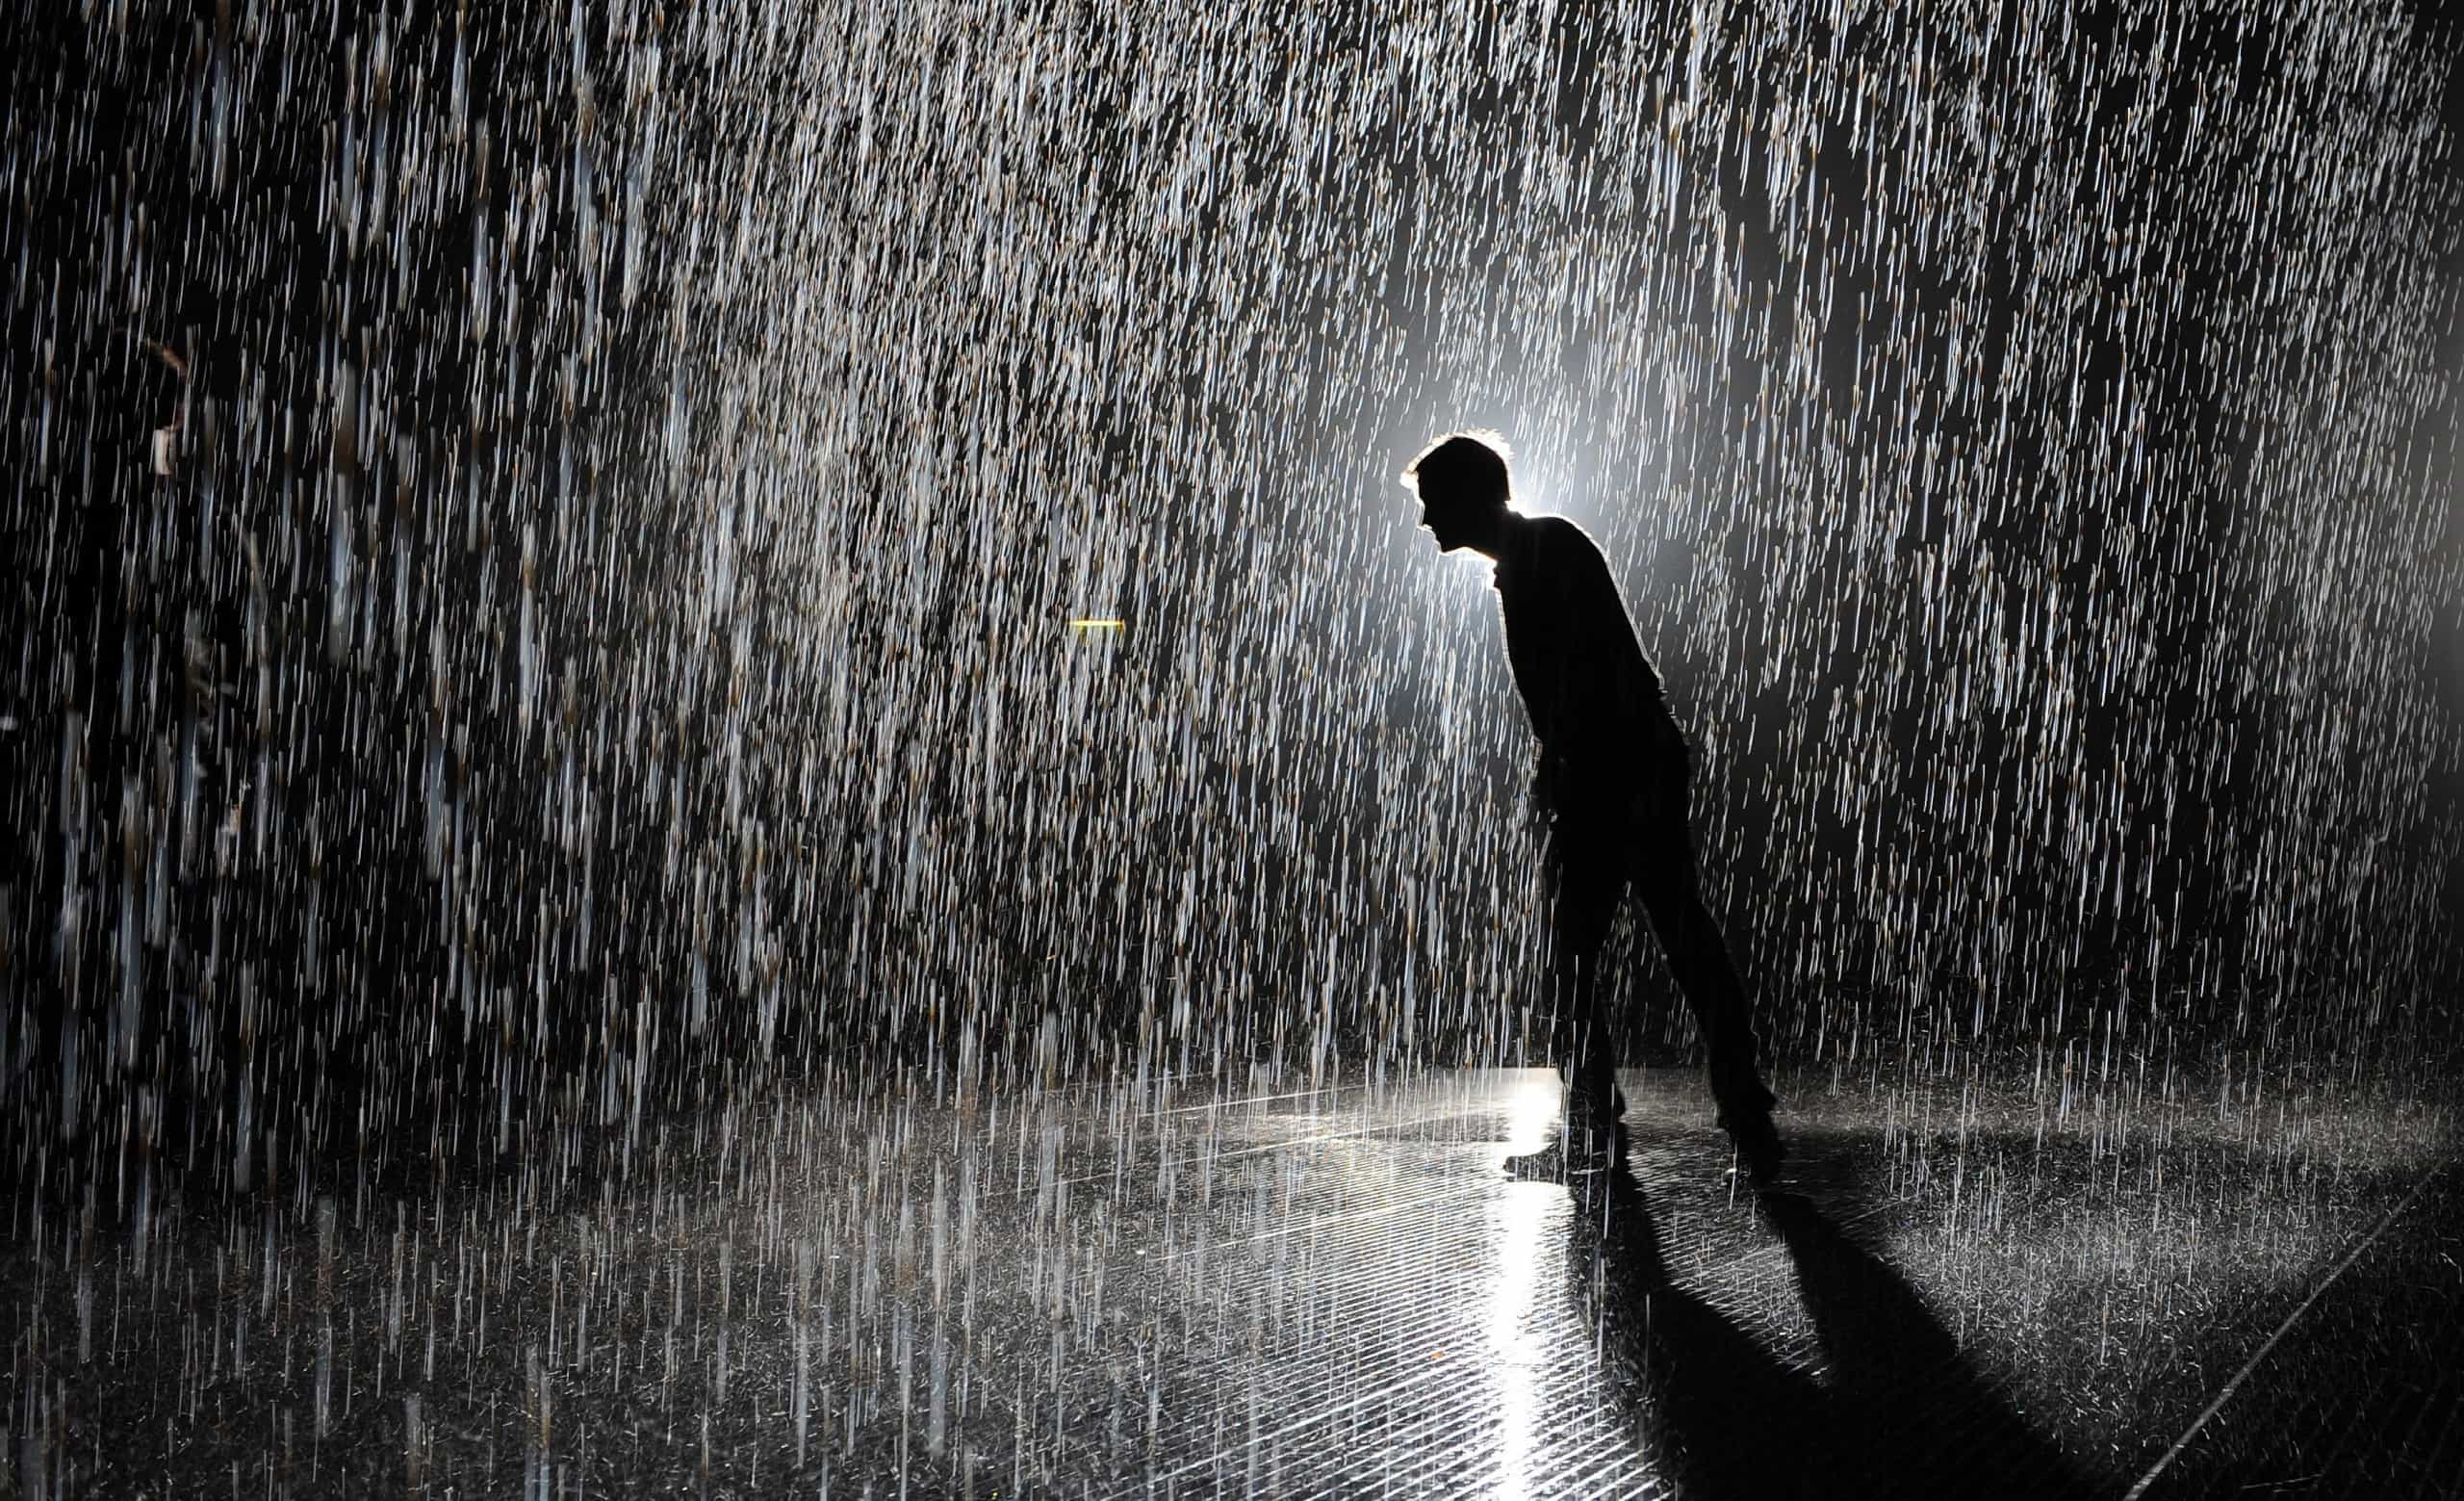 Dezenas de ocorrências no norte do país devido ao mau tempo